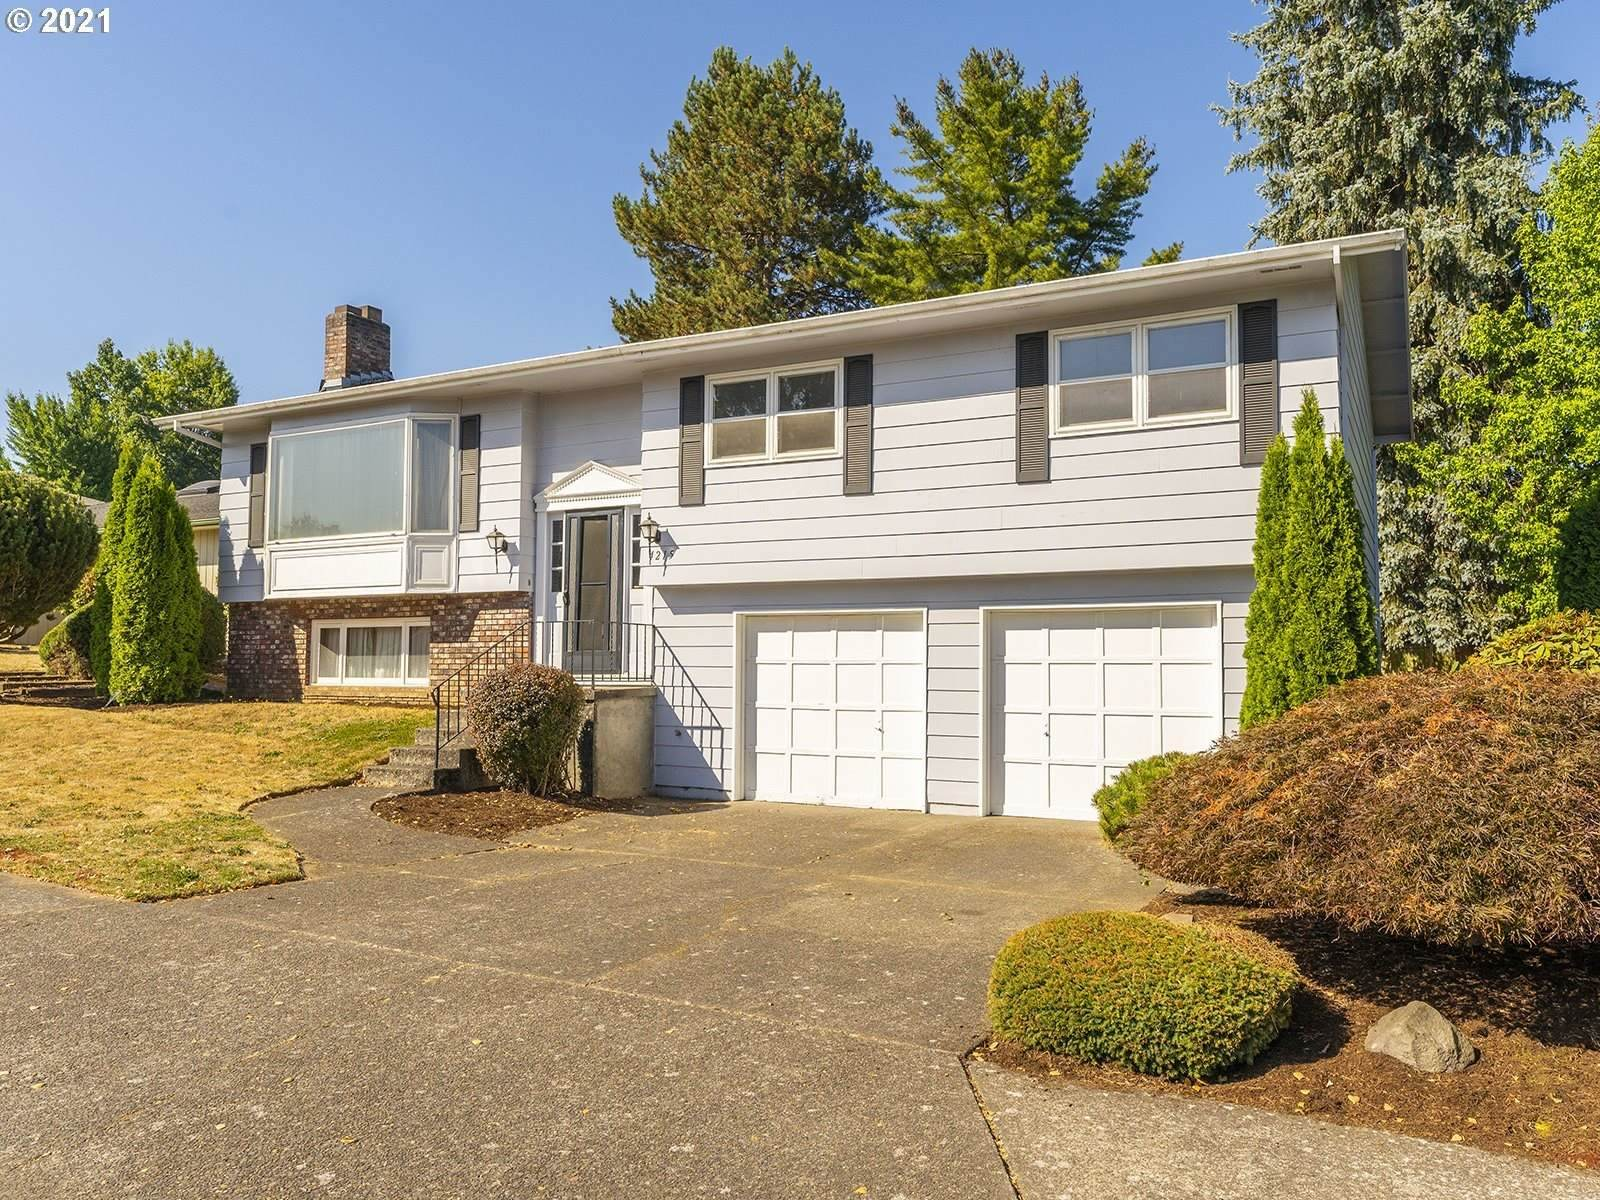 4215 NE 129TH Pl, Portland, OR 97230